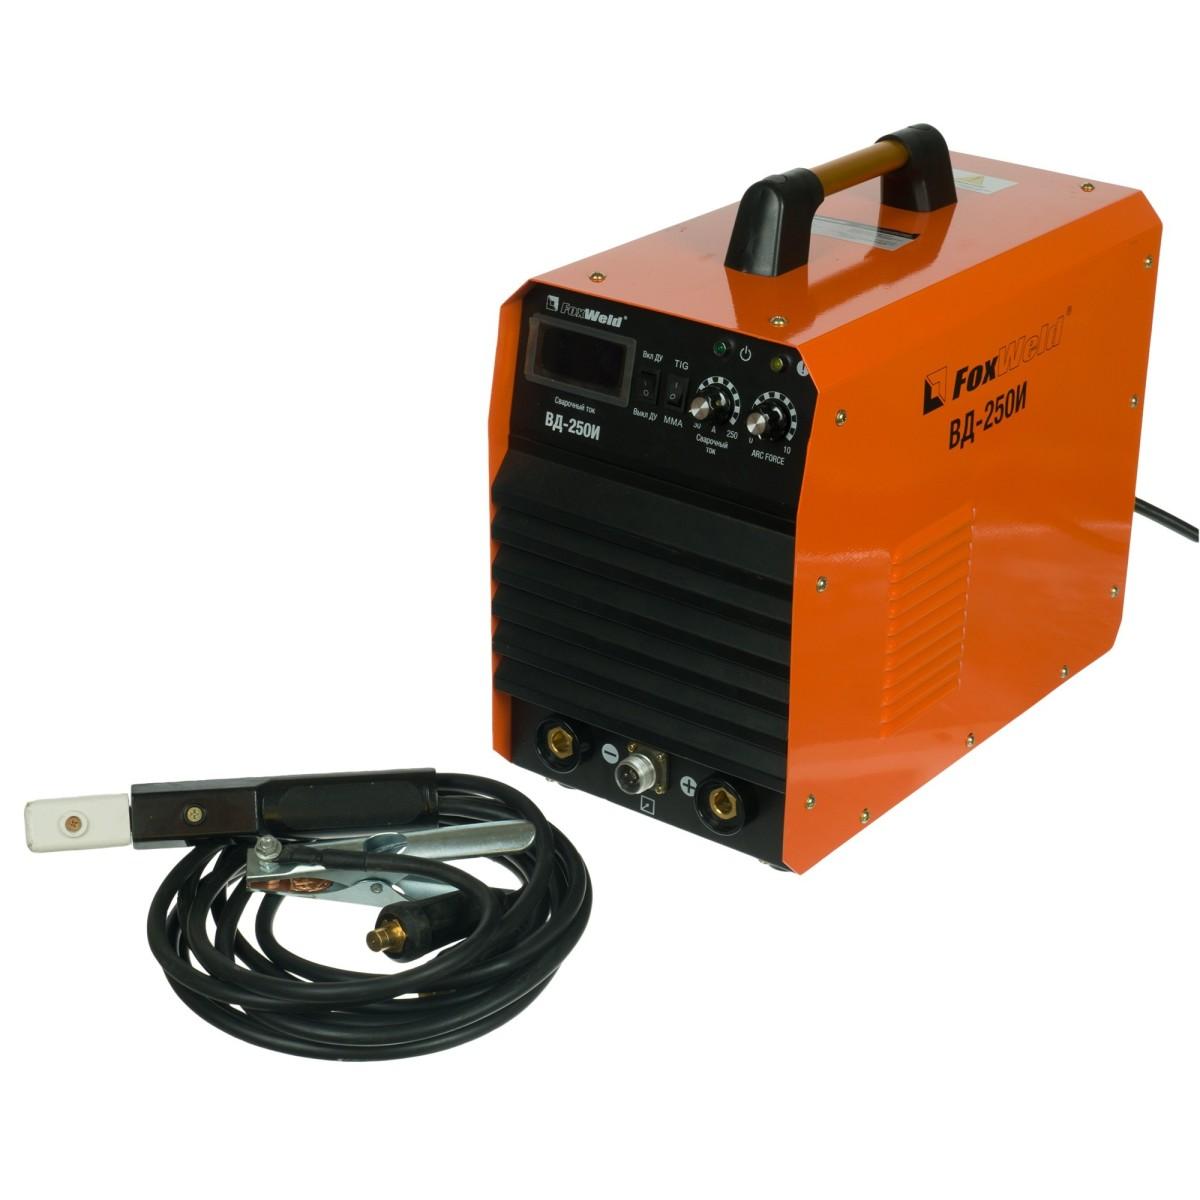 Дуговой сварочный инвертор FoxWeld ВД-250И 5892